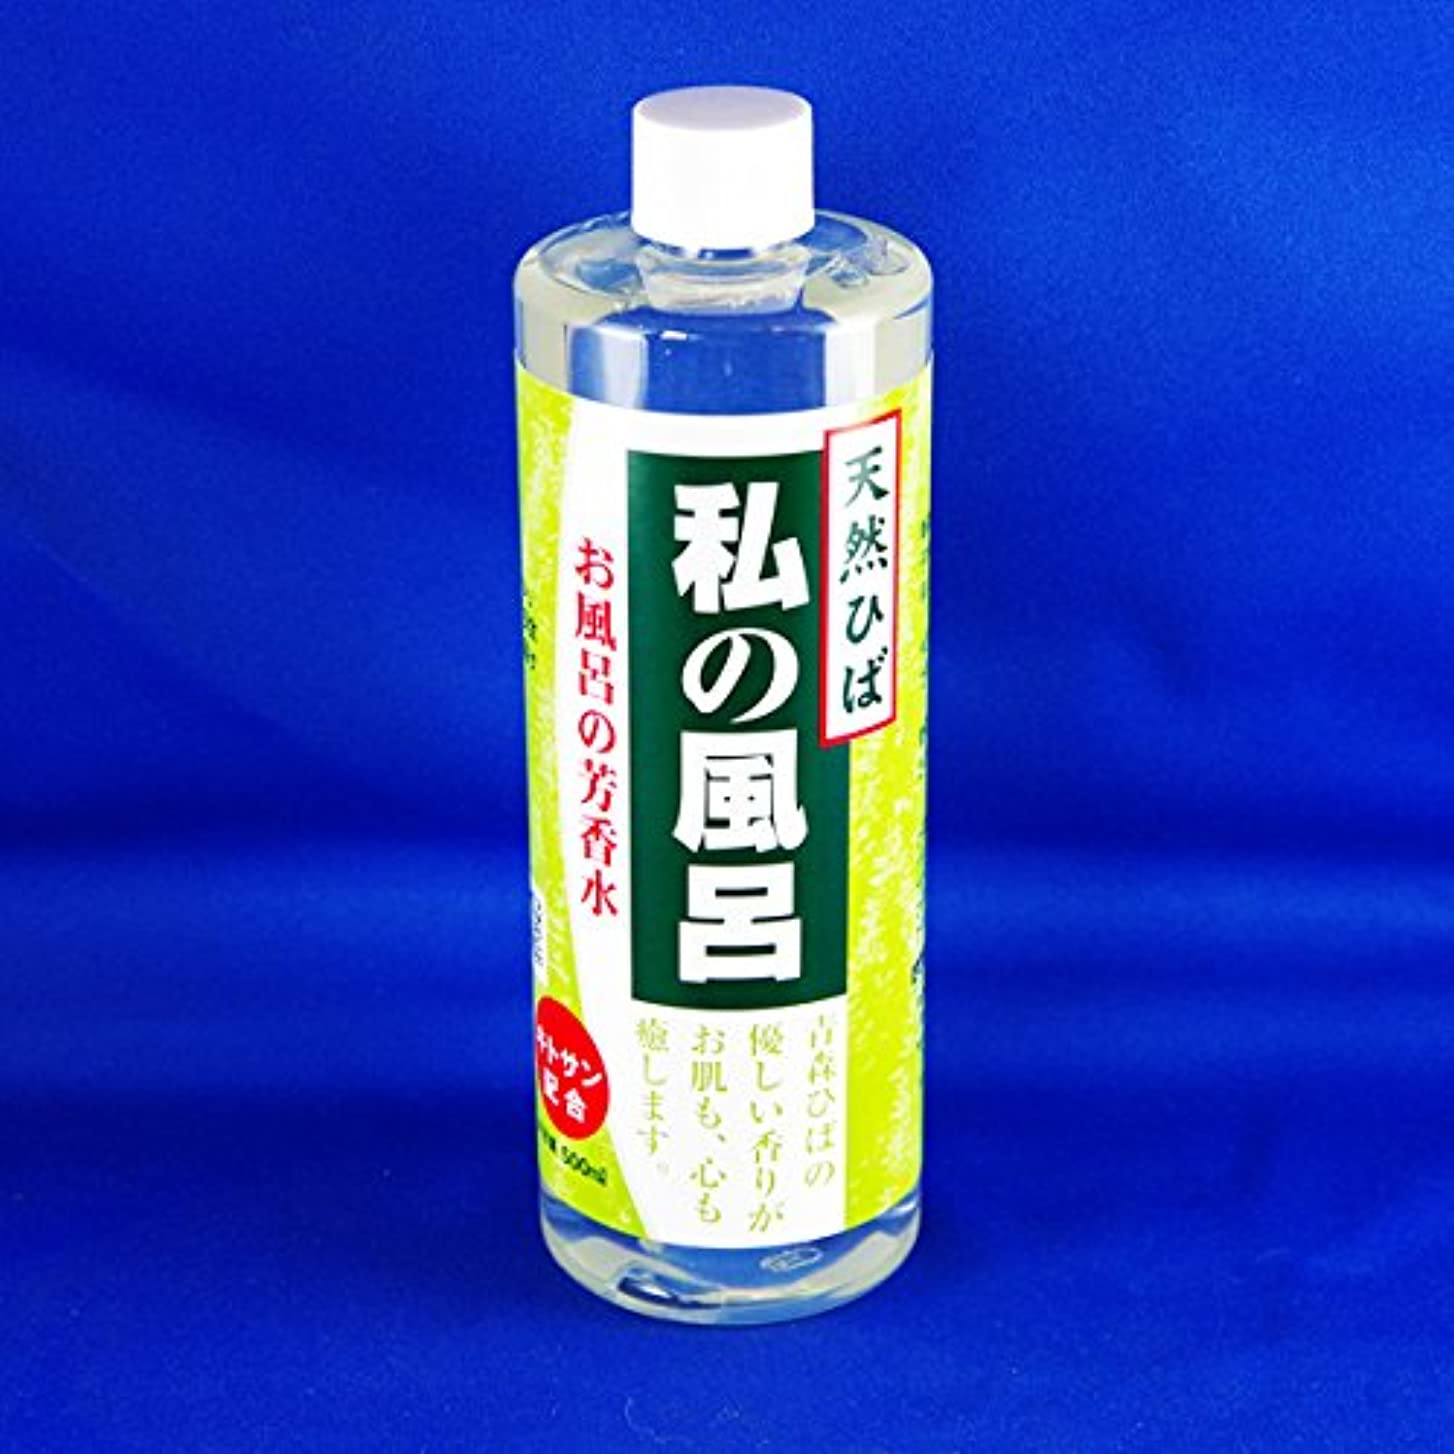 優先サイドボードマングル【入浴剤】青森ひば 私の風呂 500ml(高分子キトサン配合)